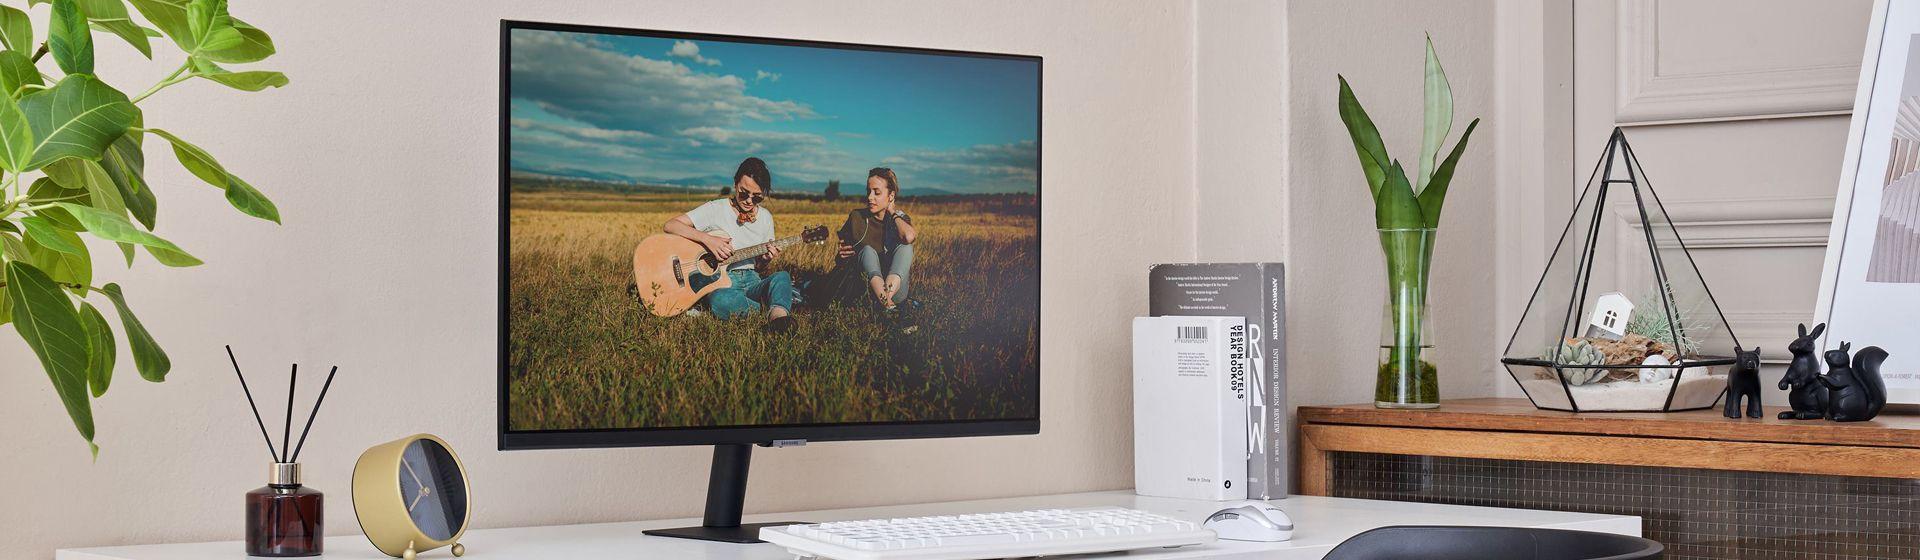 Samsung lança Smart Monitor M7 com funções de TV inteligente